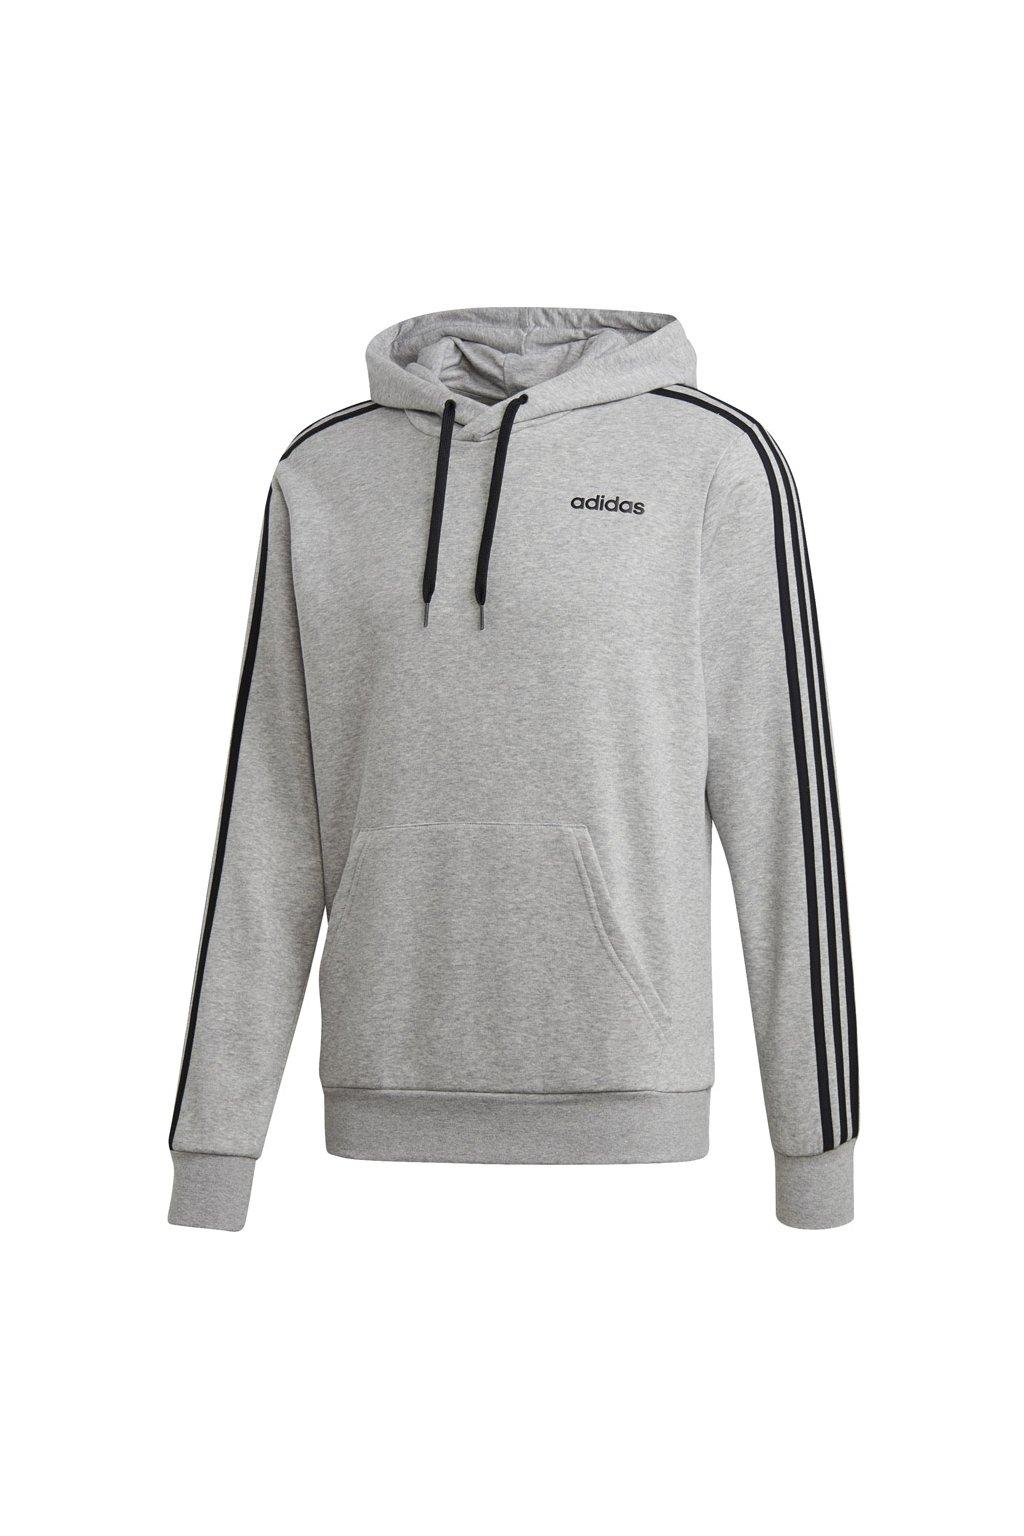 Pánska mikina Adidas Essentials 3 Stripes PO FT šedá DQ3091